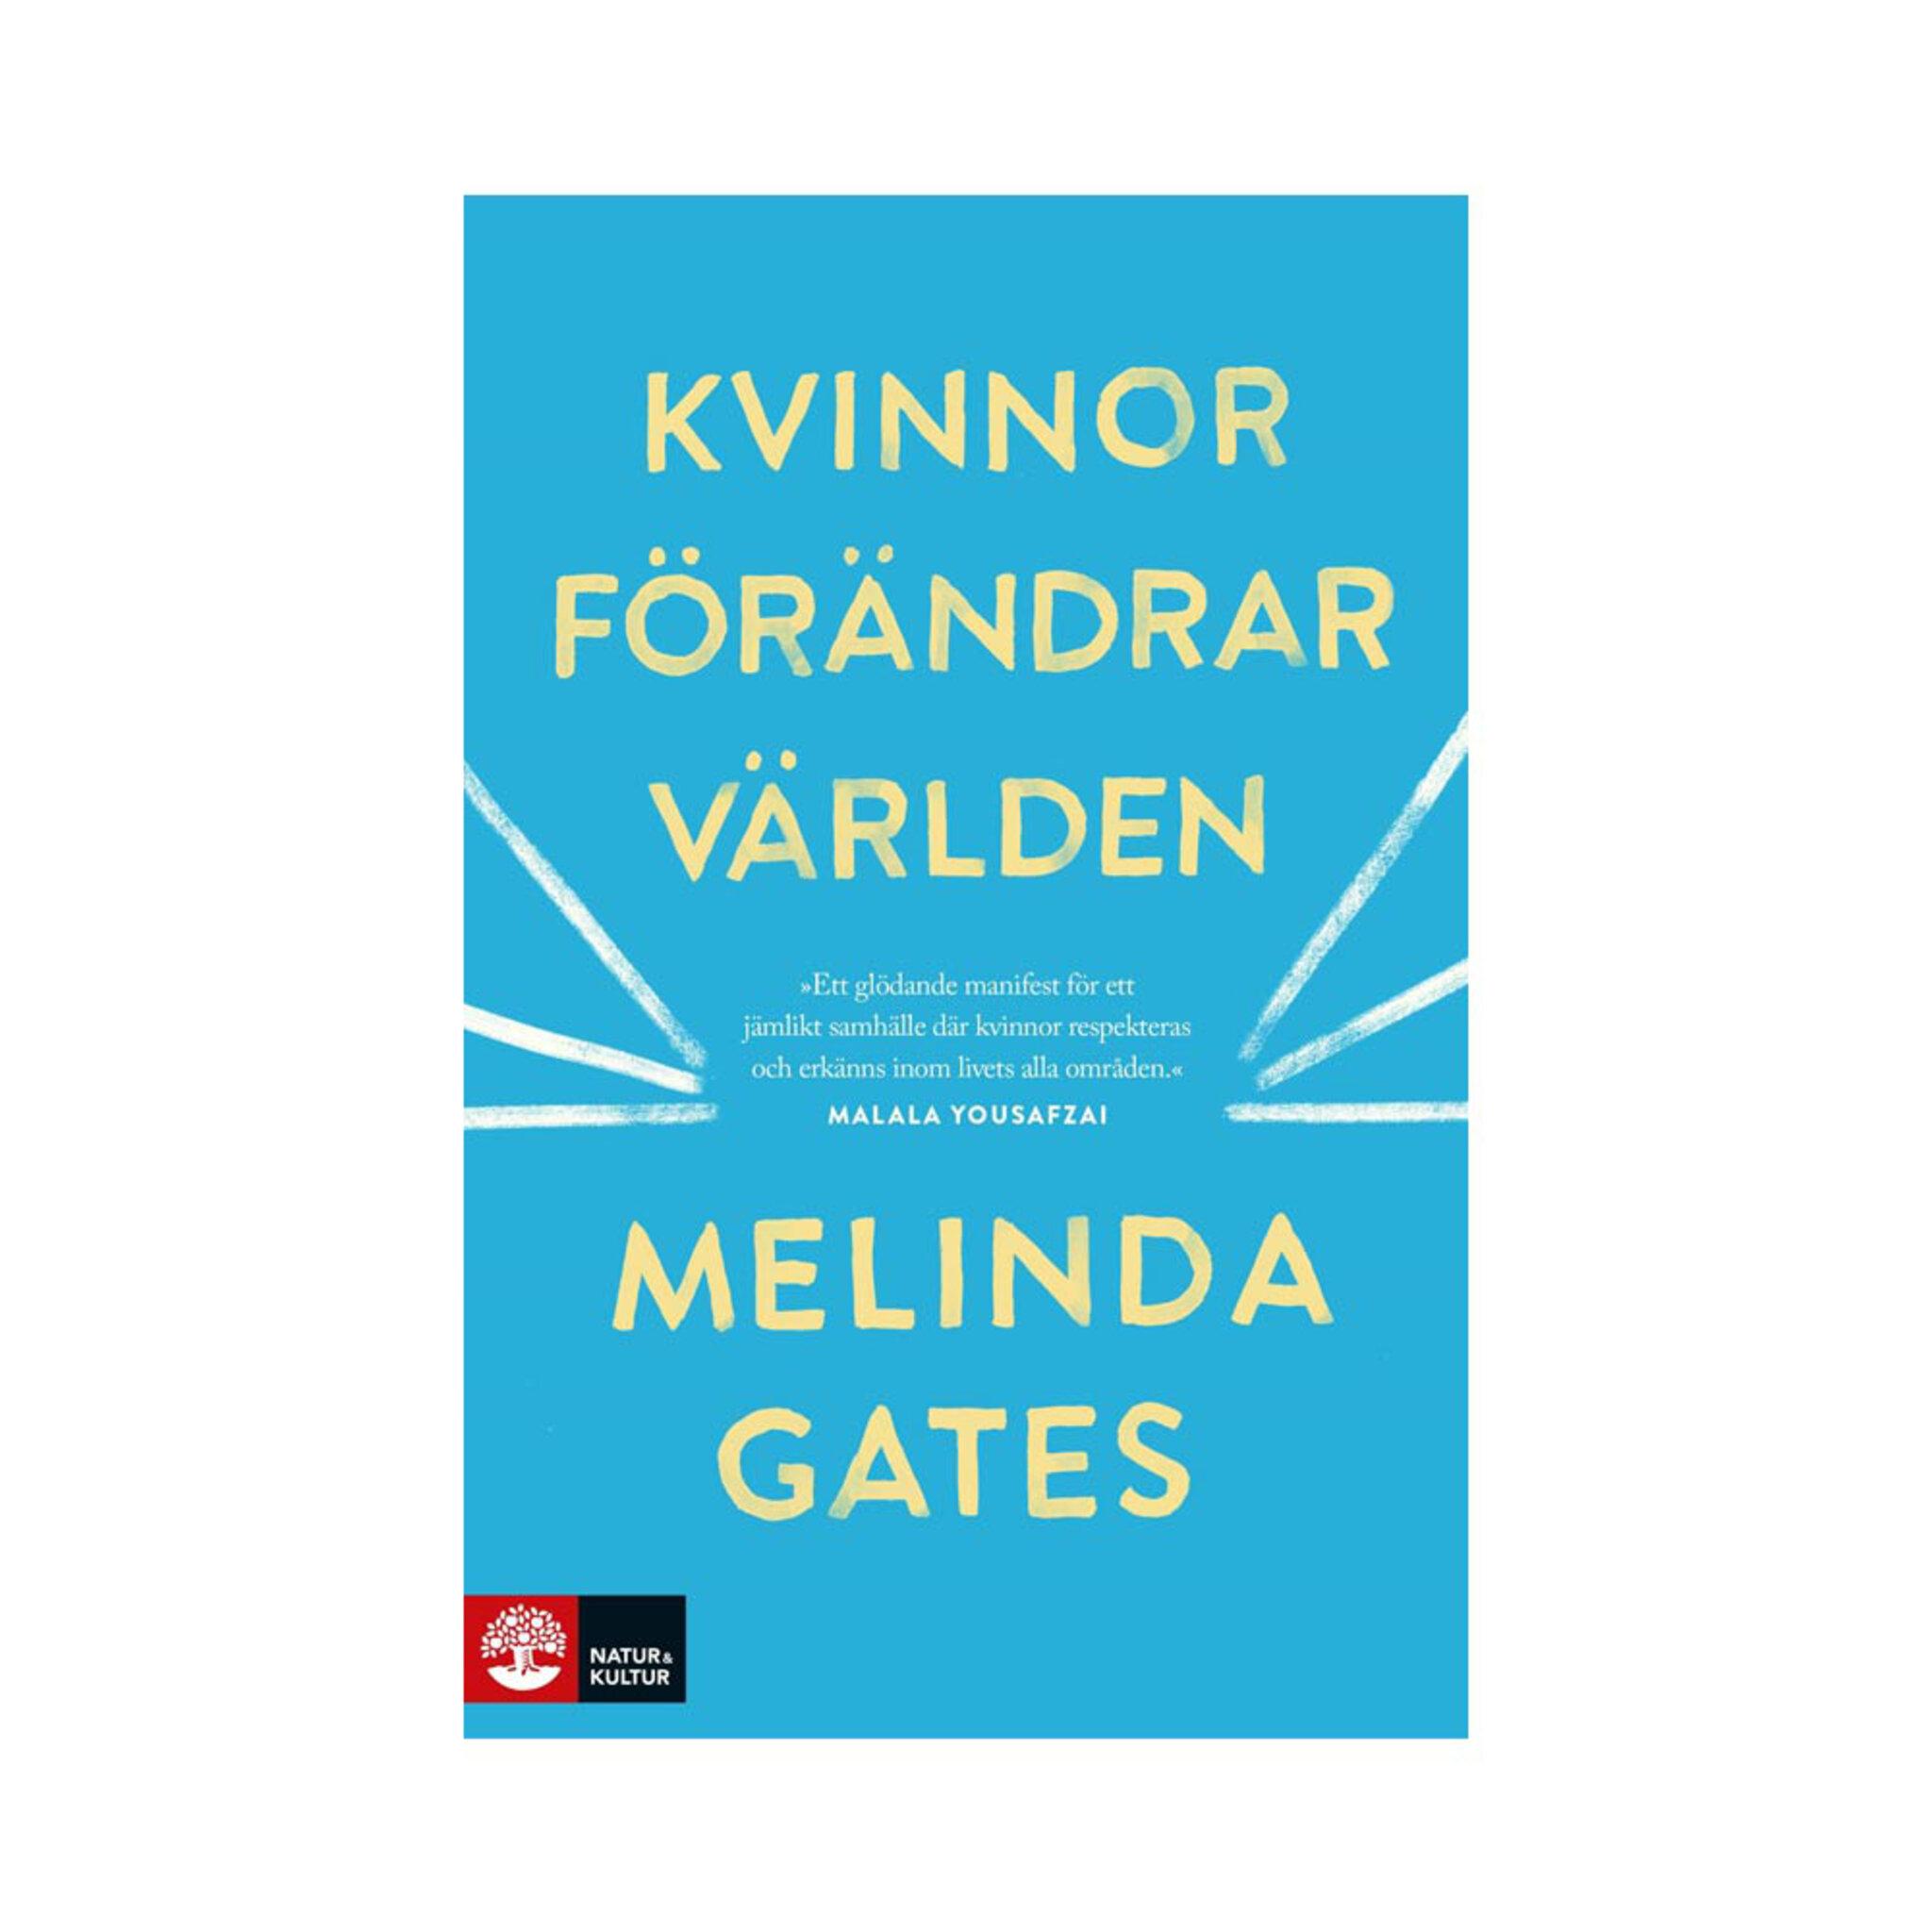 Kvinnor förändrar världen, Melinda Gates